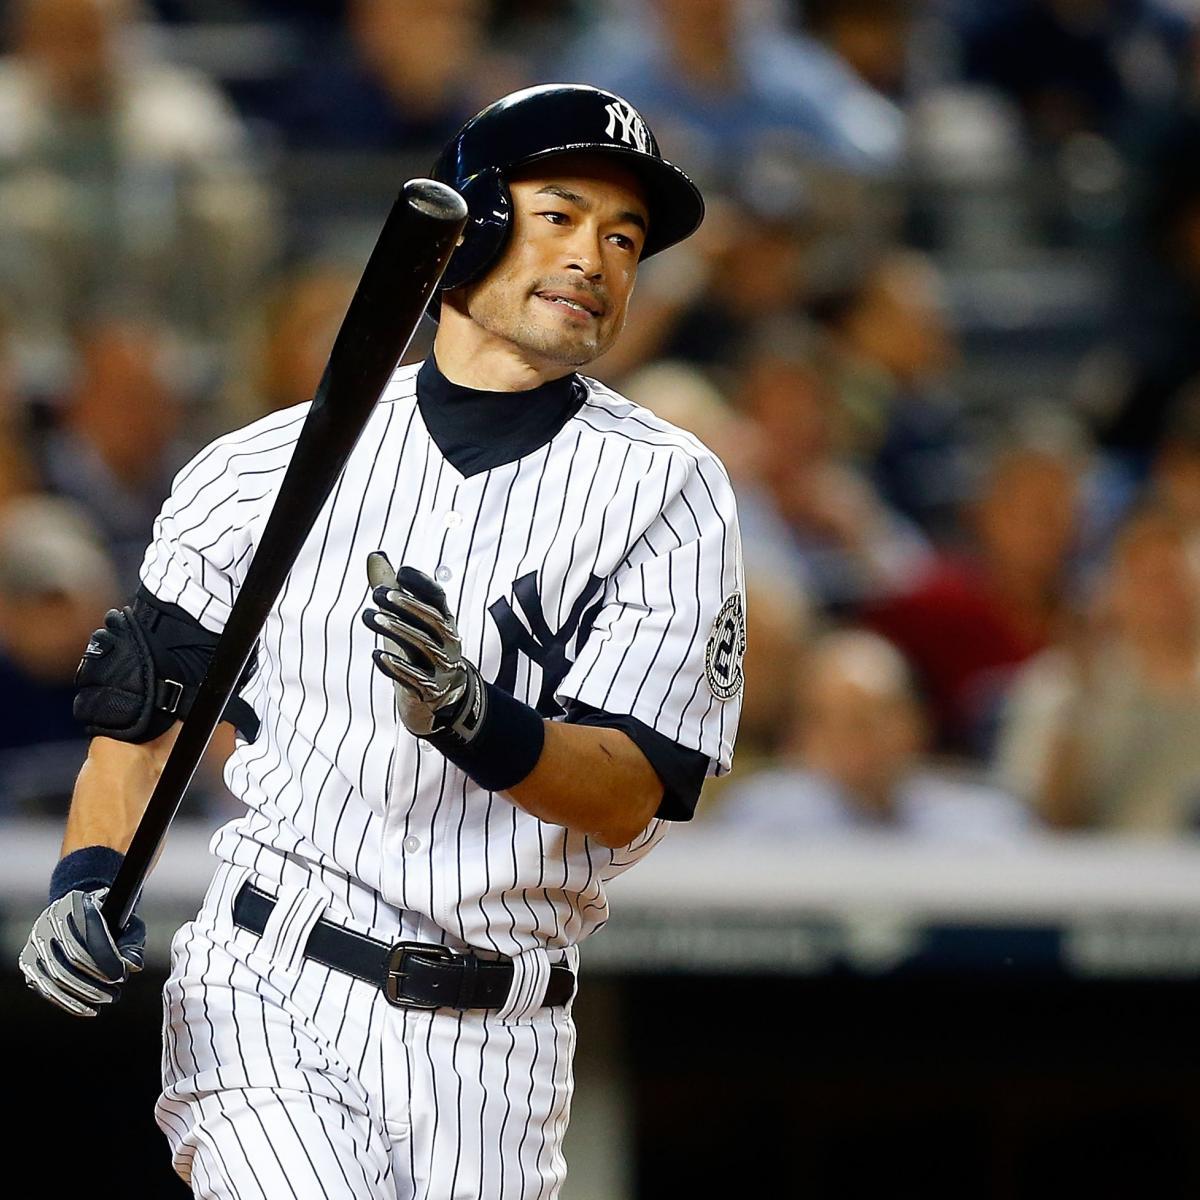 Mlb Rumors Analyzing All The Latest Whispers News And: MLB Rumors: Analyzing Buzz Surrounding Ichiro Suzuki, Dan